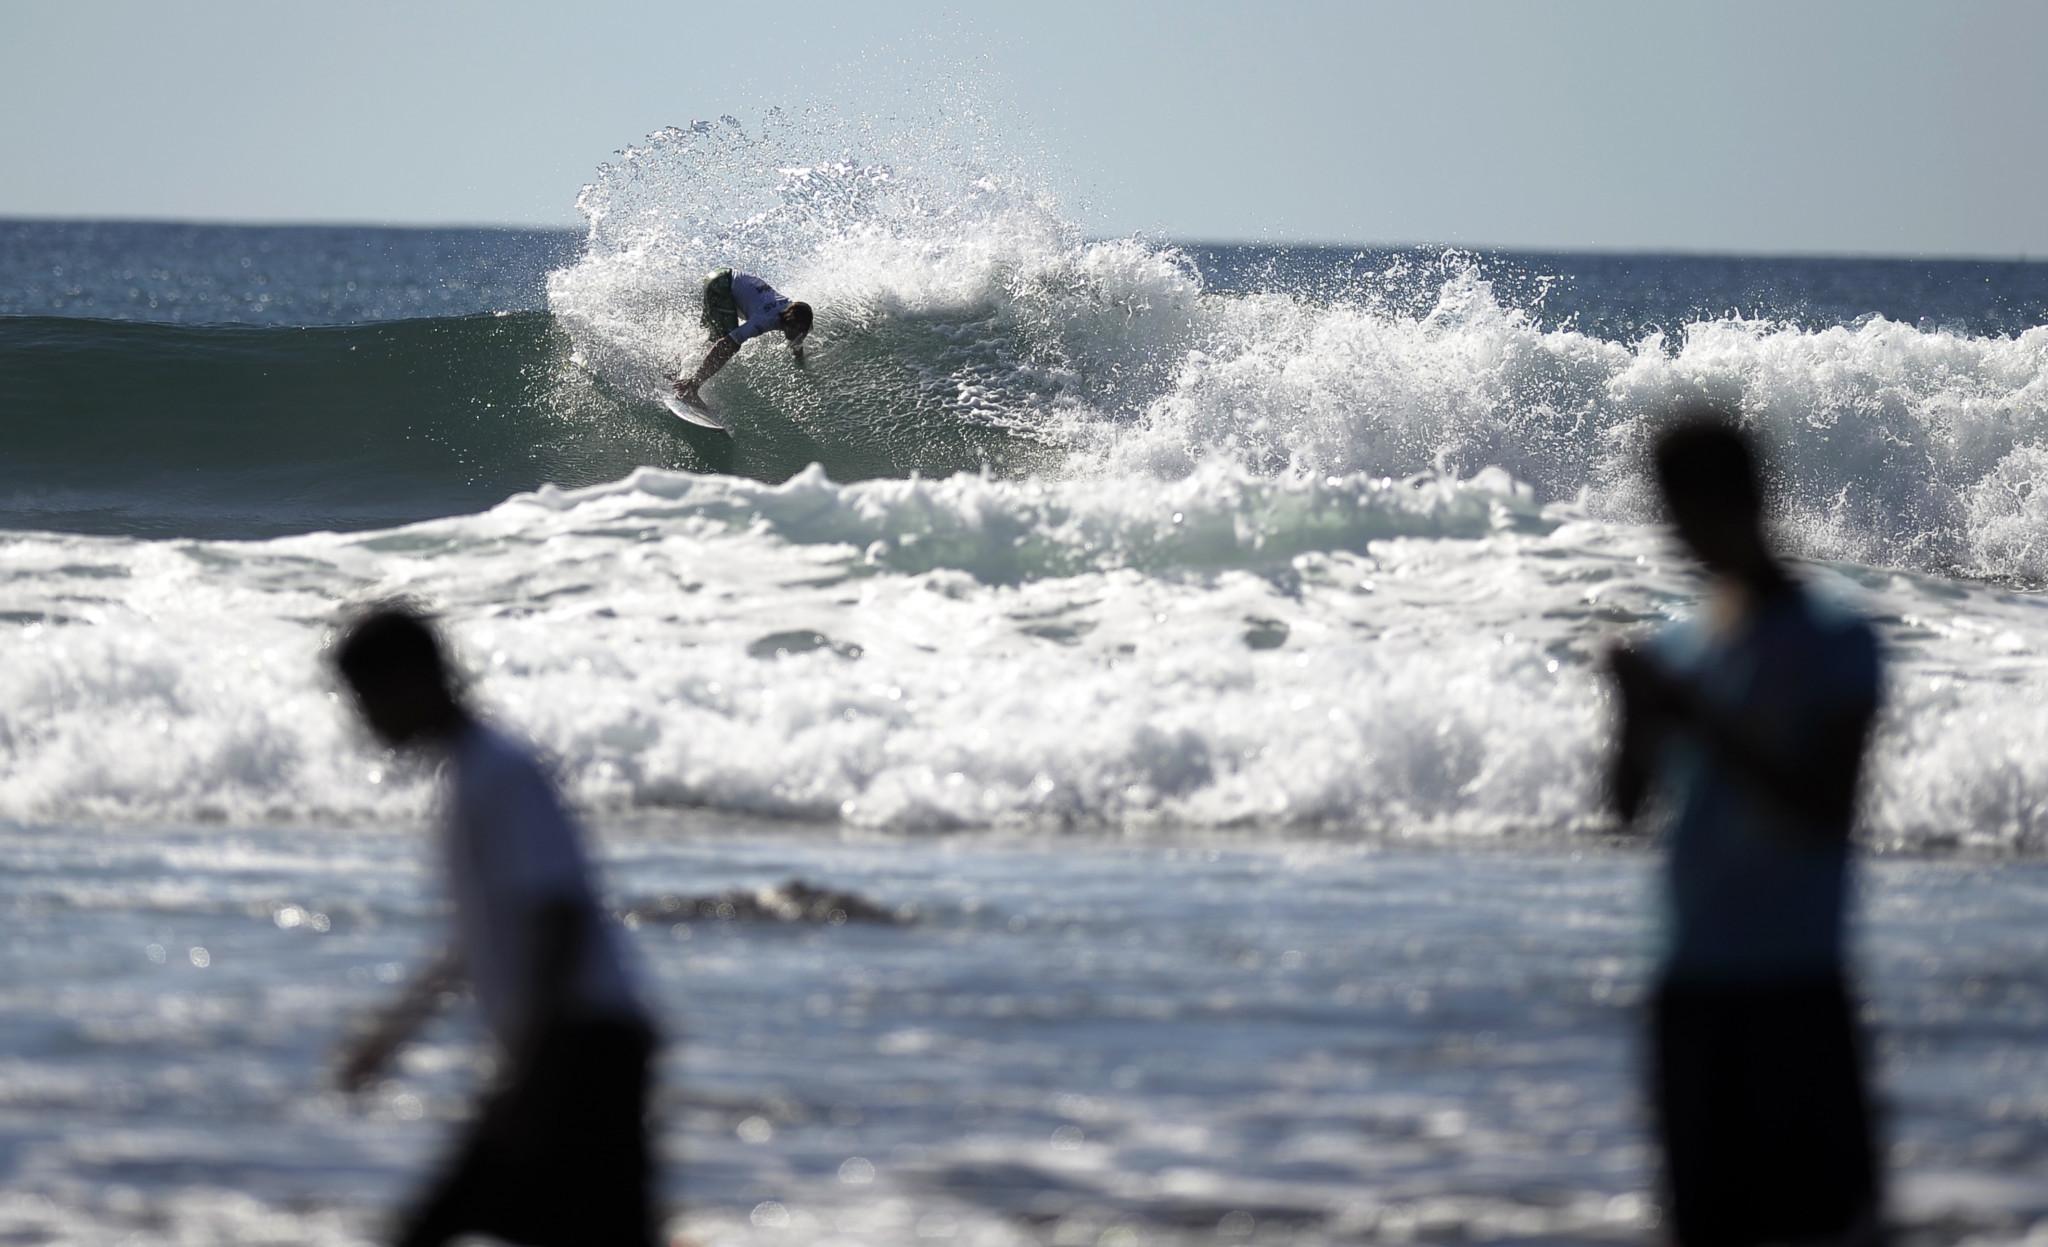 El Salvador surfer Diaz dies after being struck by lightning